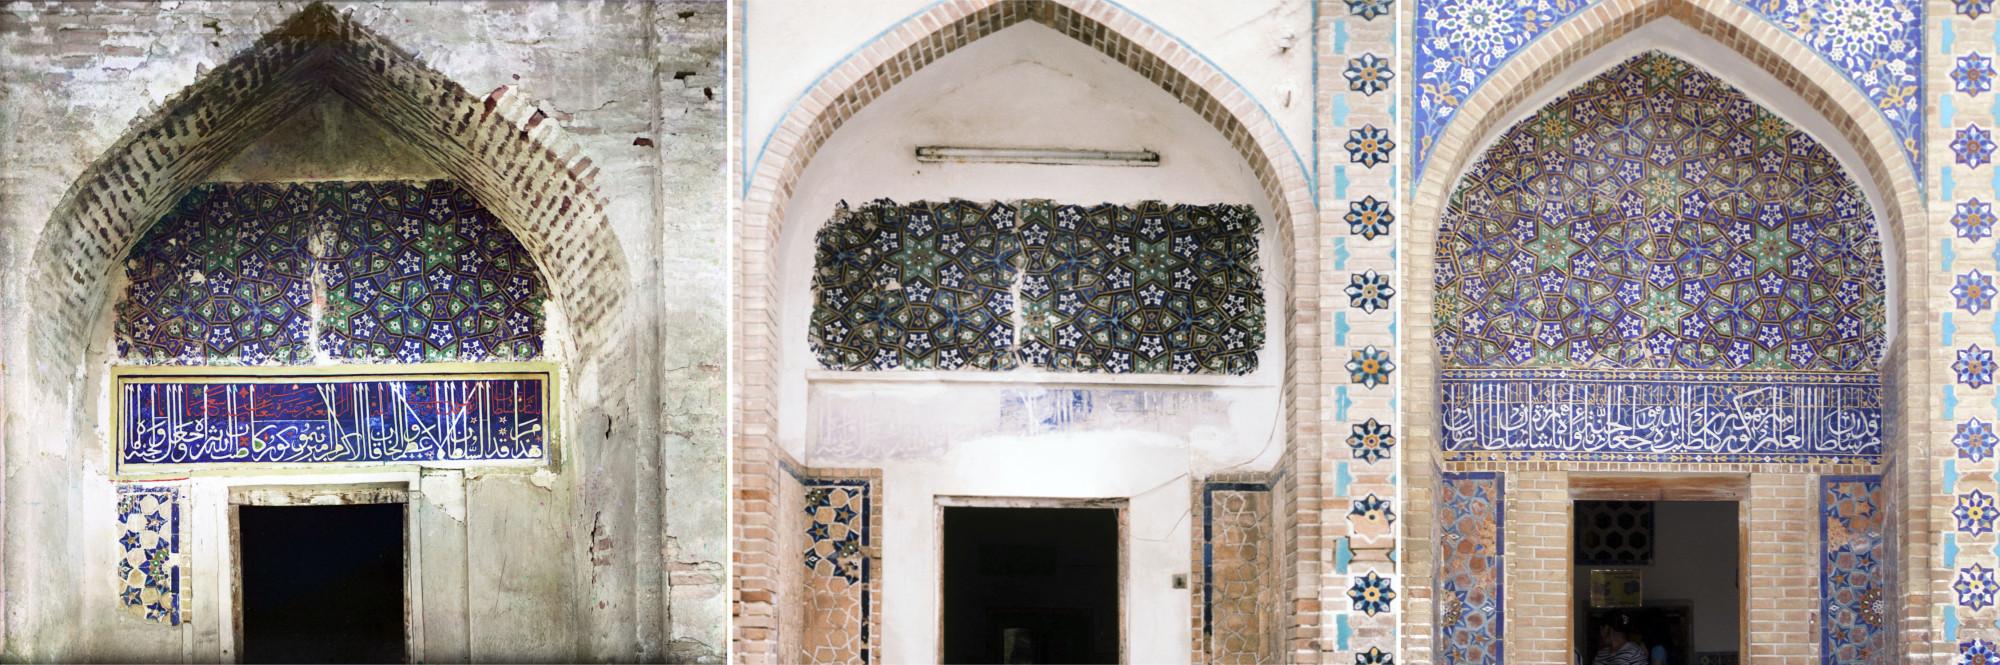 Самарканд. Дверь мавзолея Гур-Эмир 1911-1985-2008